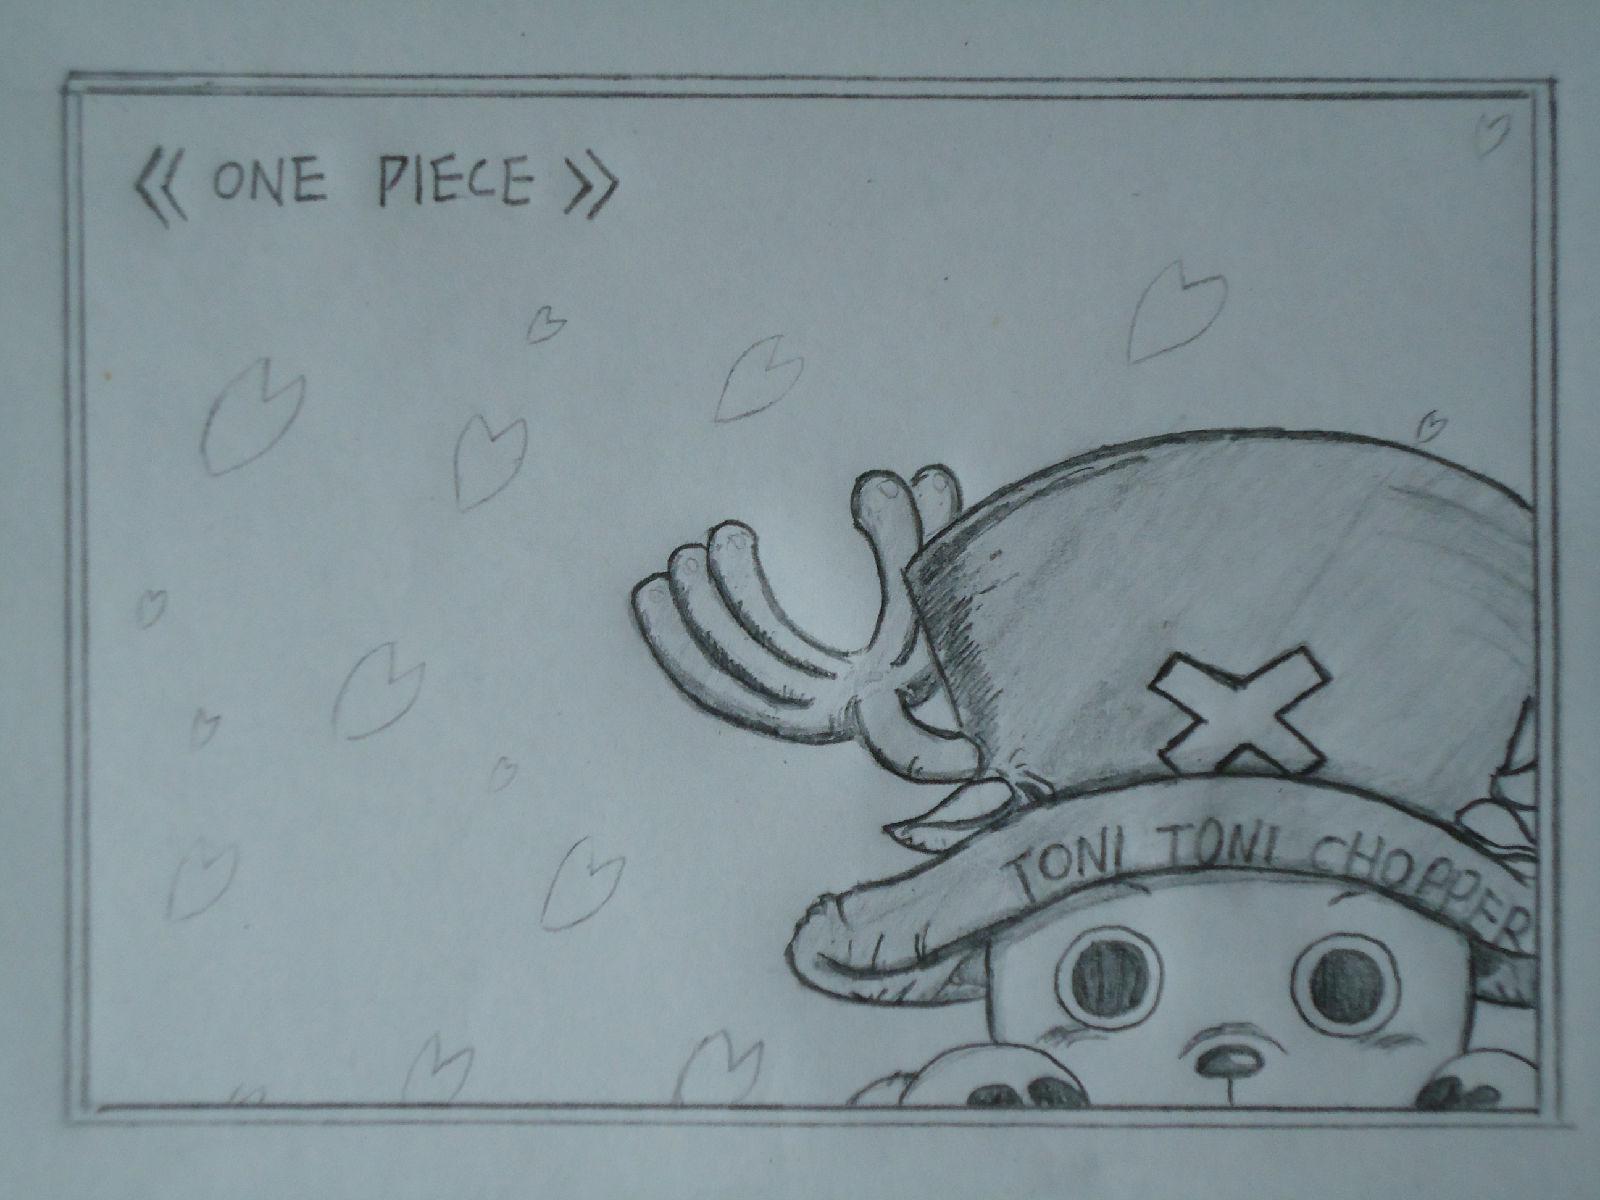 海贼王乔巴铅笔画黑白的